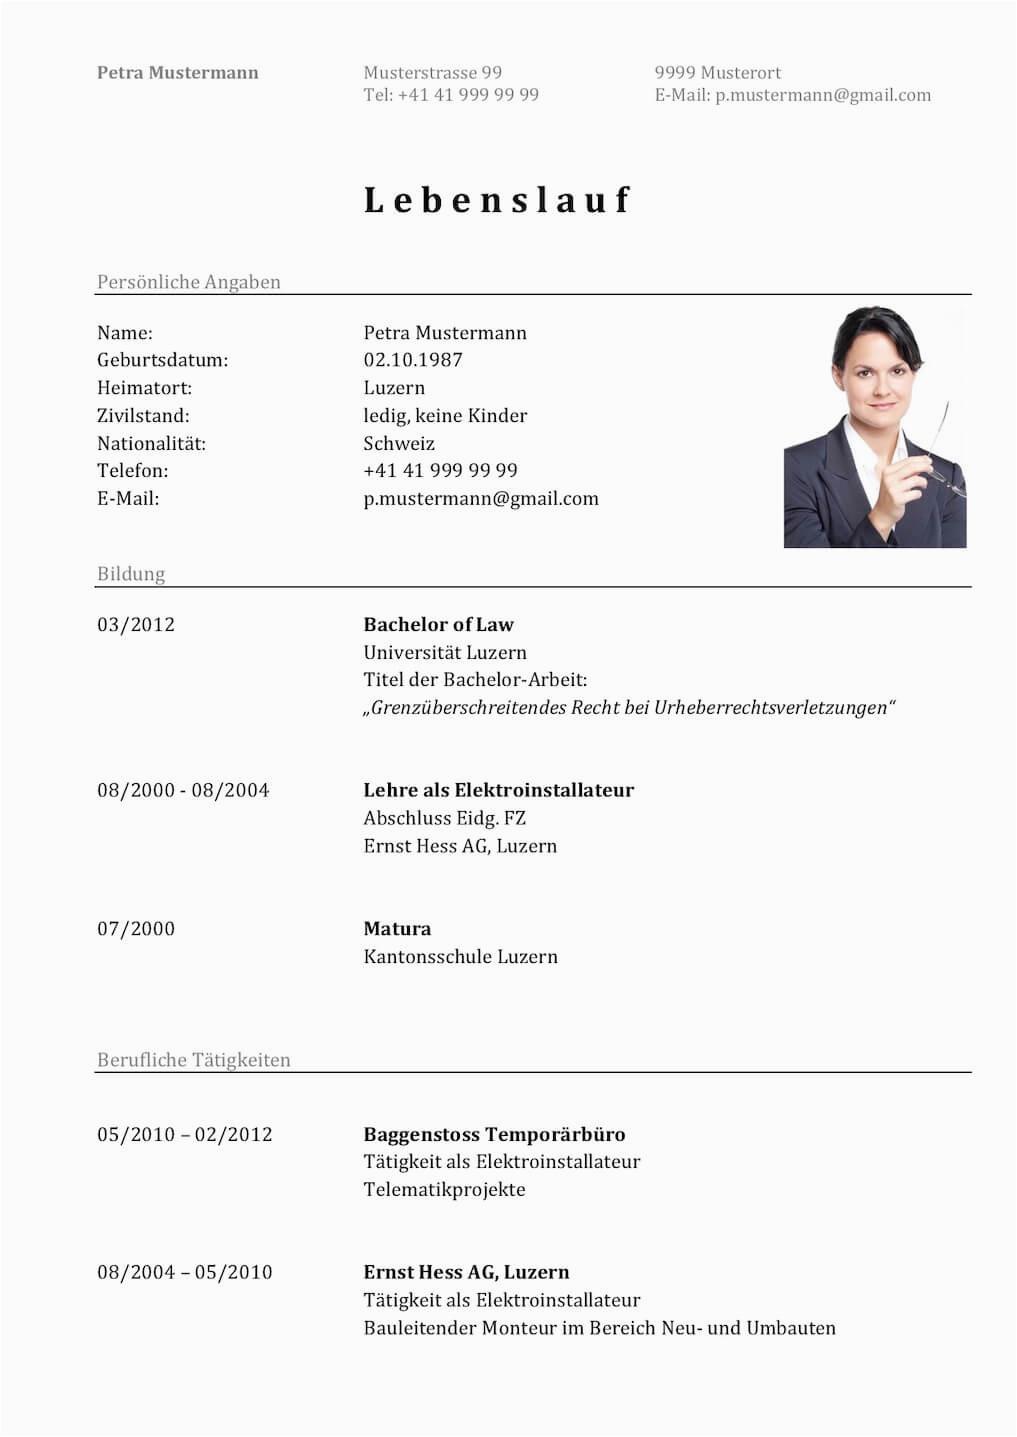 Lebenslauf Vorlagen Word Schweiz Lebenslauf Vorlage Klassisch & Modern